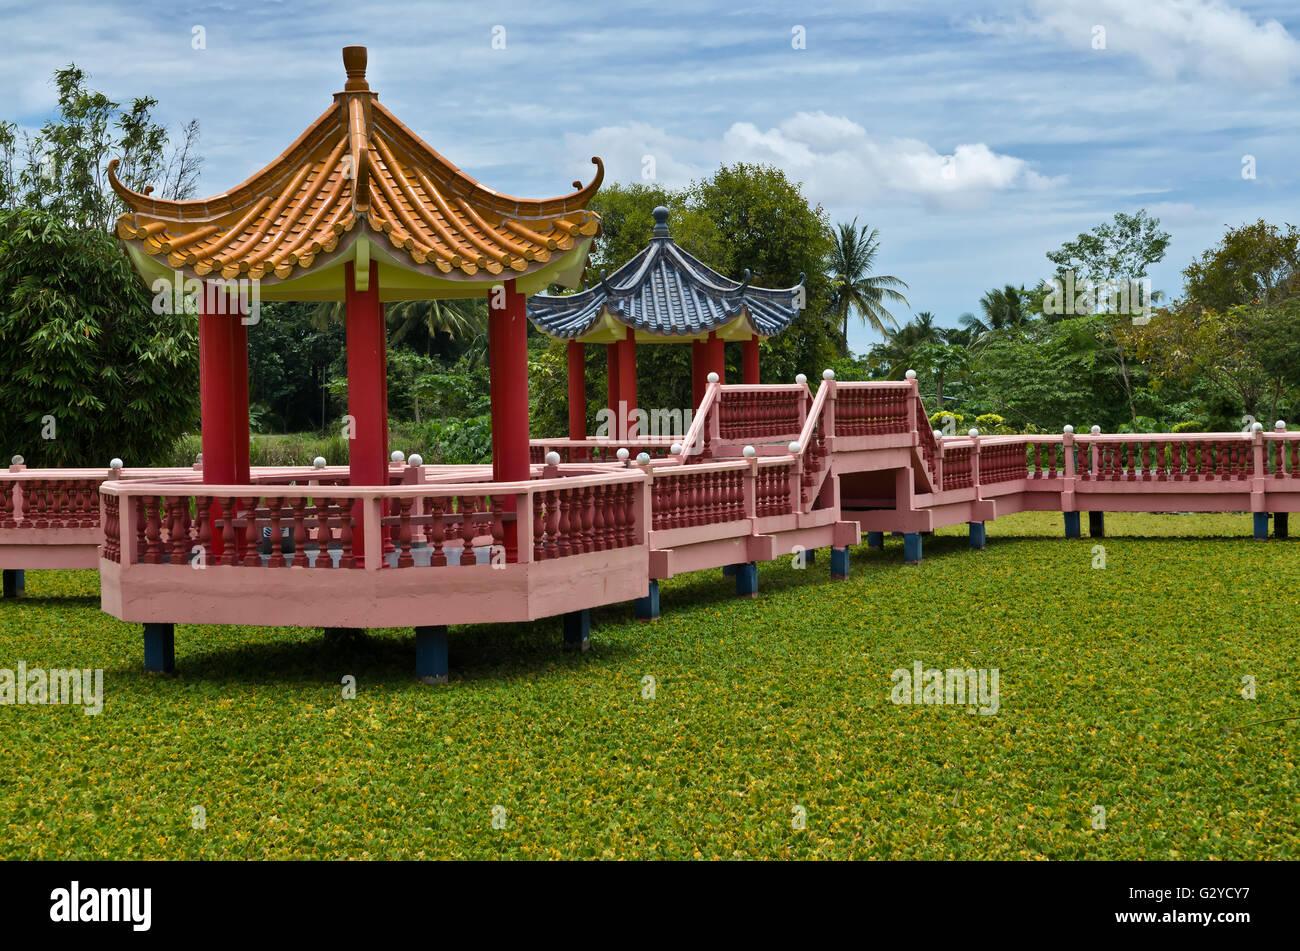 Taman Rekreasi Tasik Melati, Perlis, Malaysia - Tasik Melati ist berühmt für seine Seen und die Freizeiteinrichtungen Stockfoto